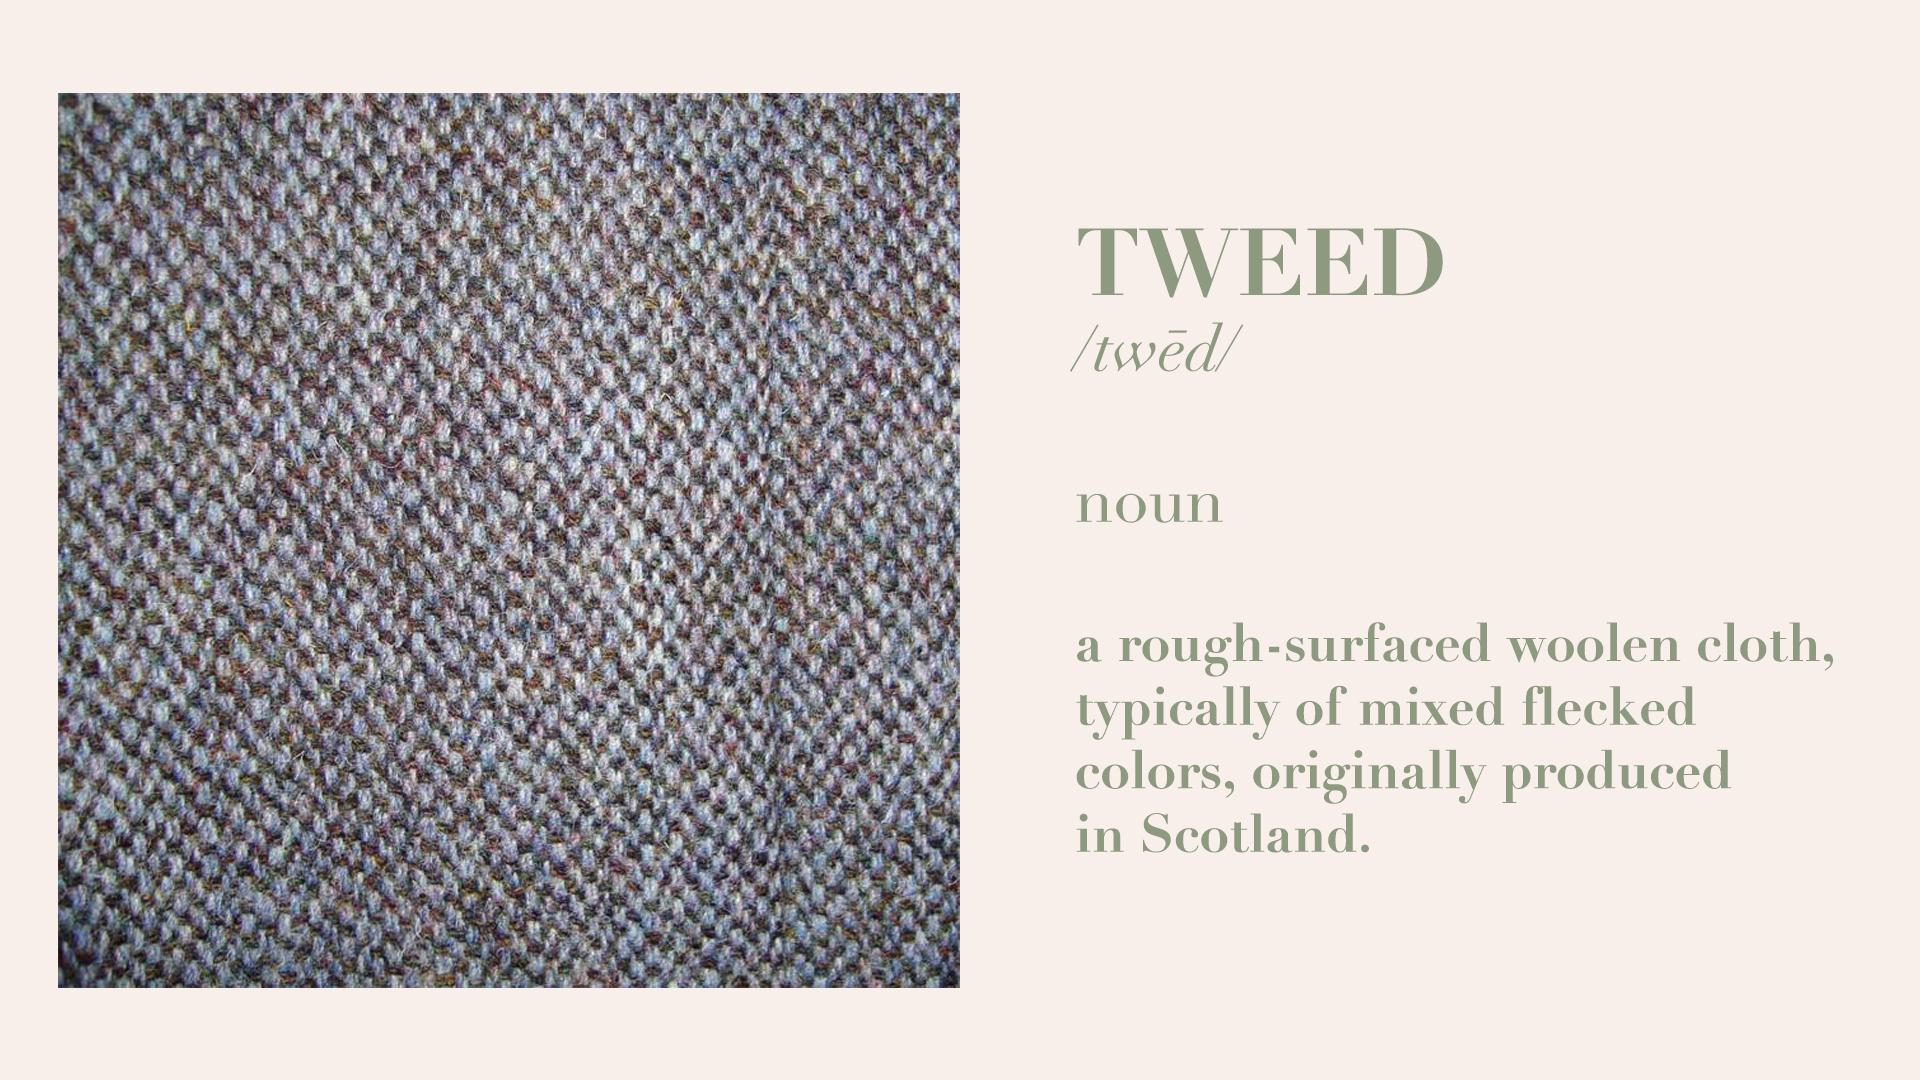 tweed definition.jpg